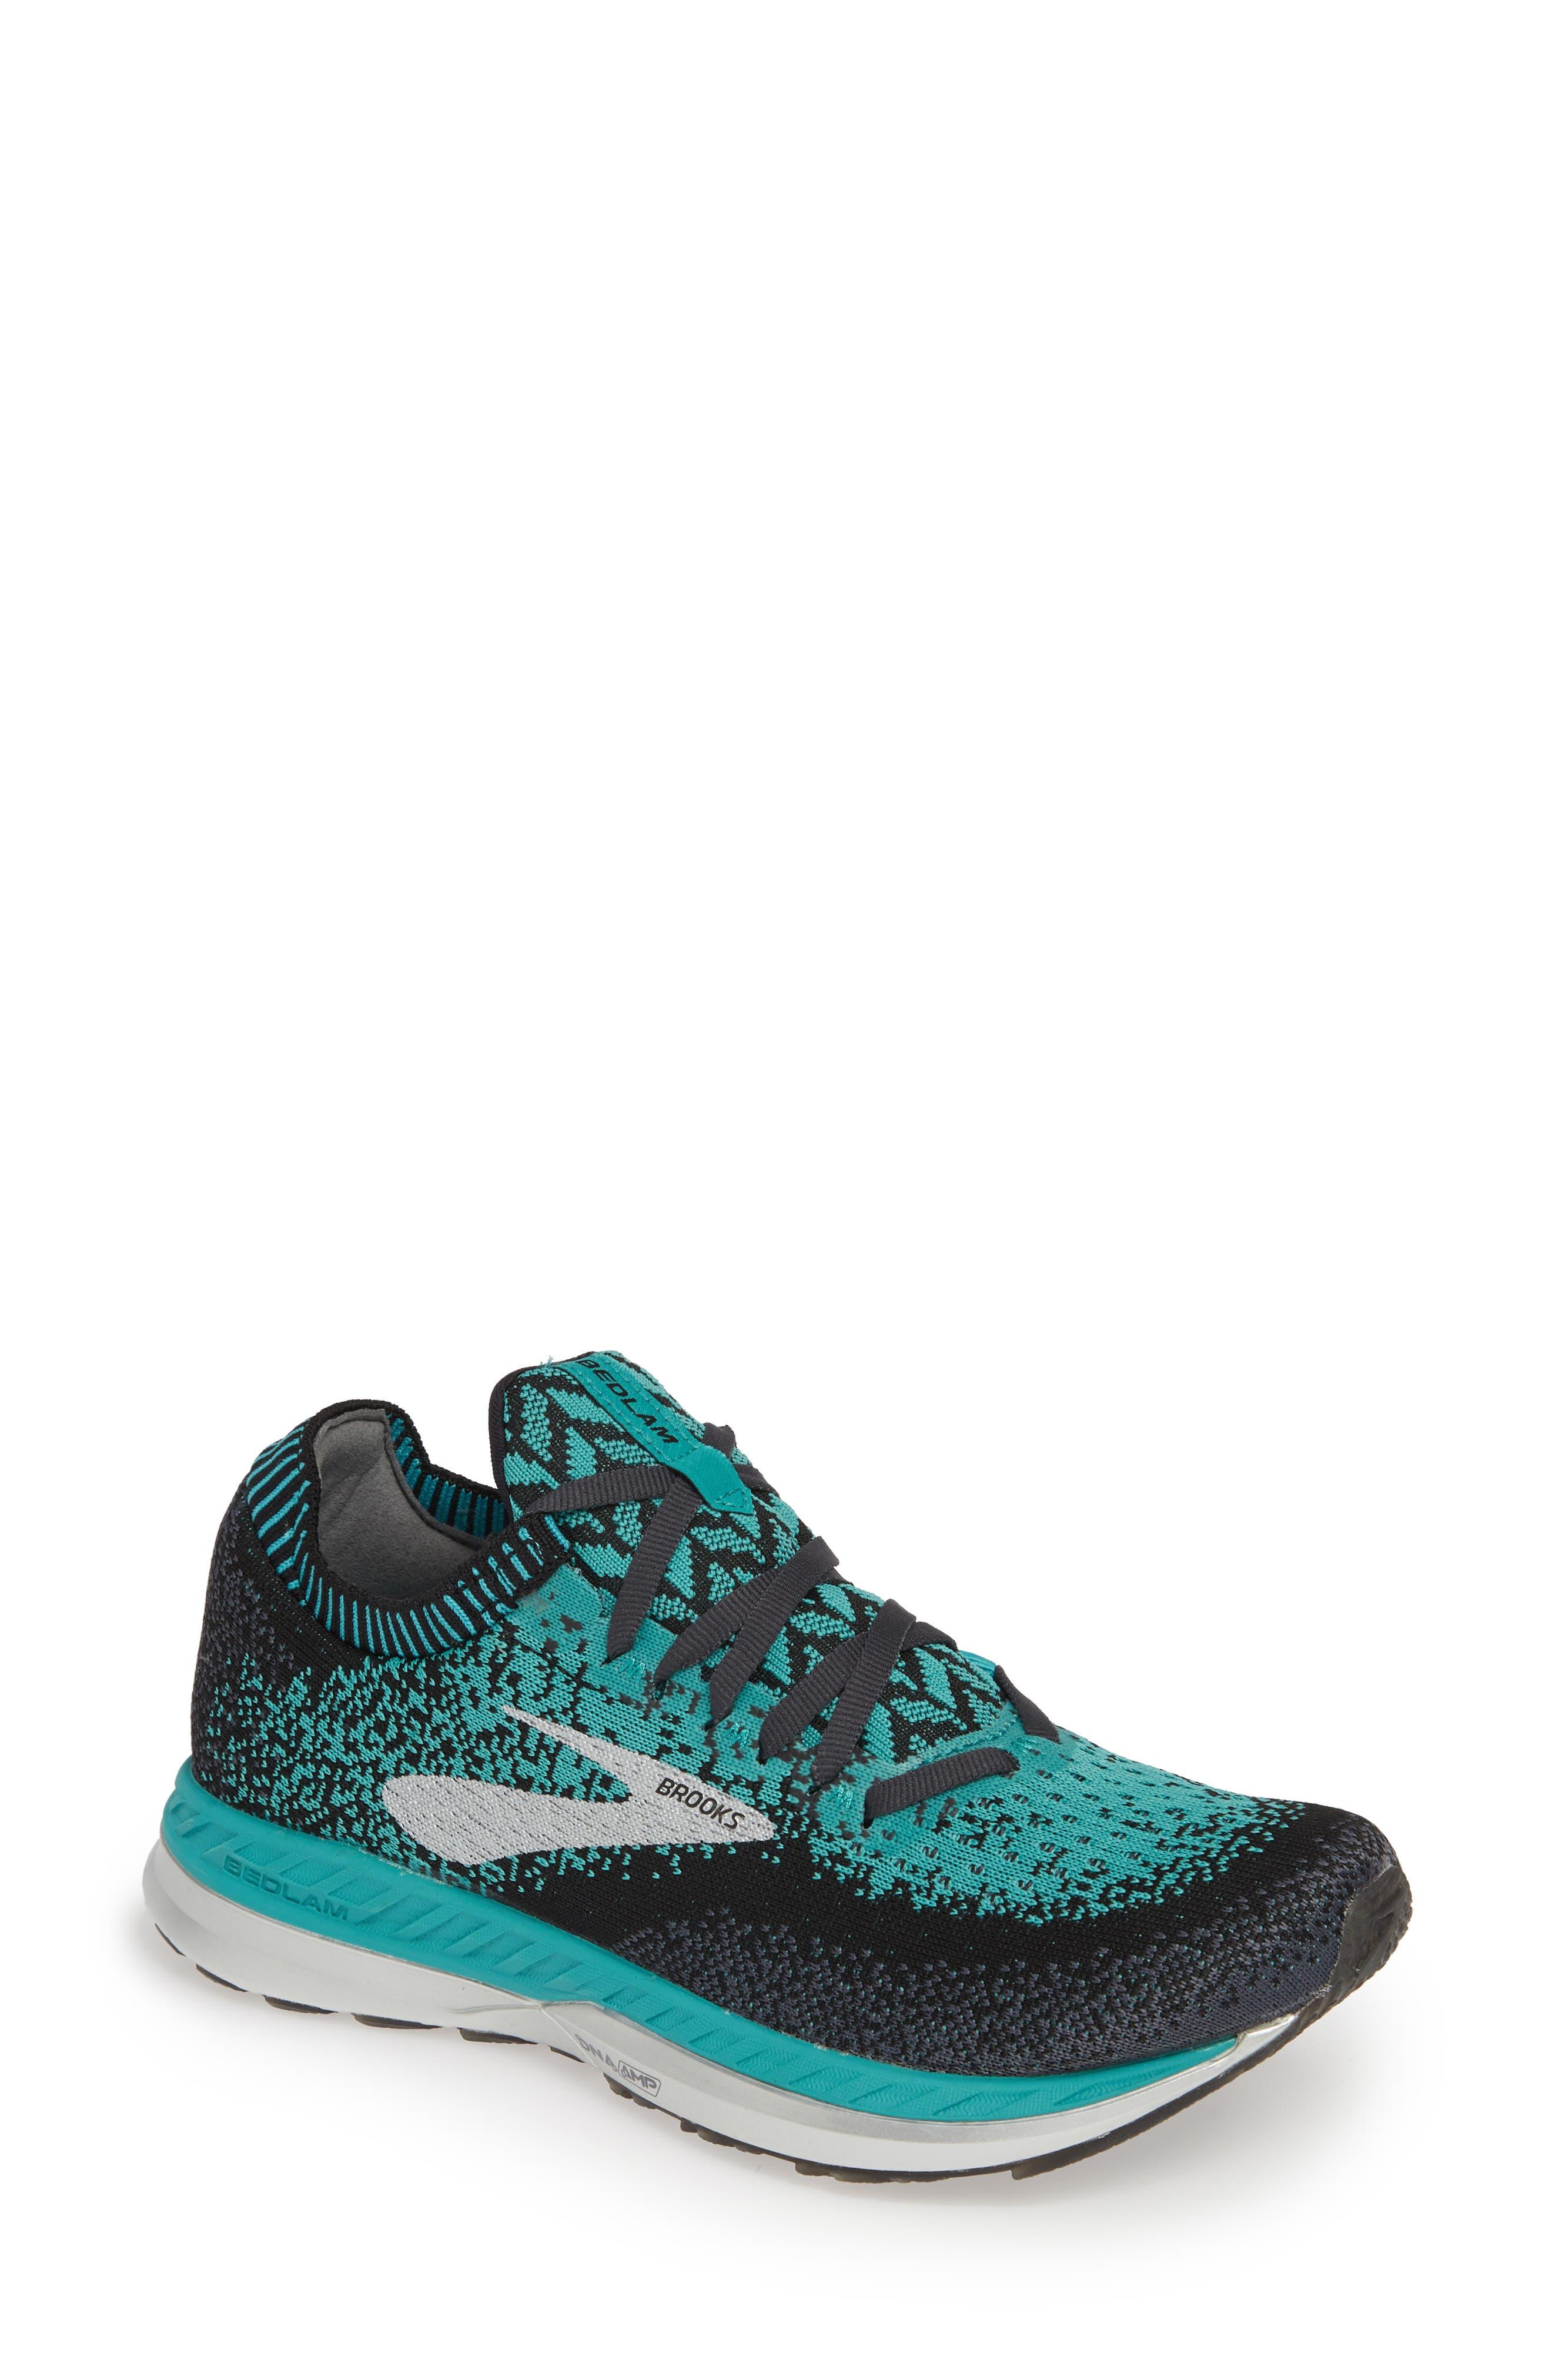 Brooks Bedlam Running Shoe B - Blue/green